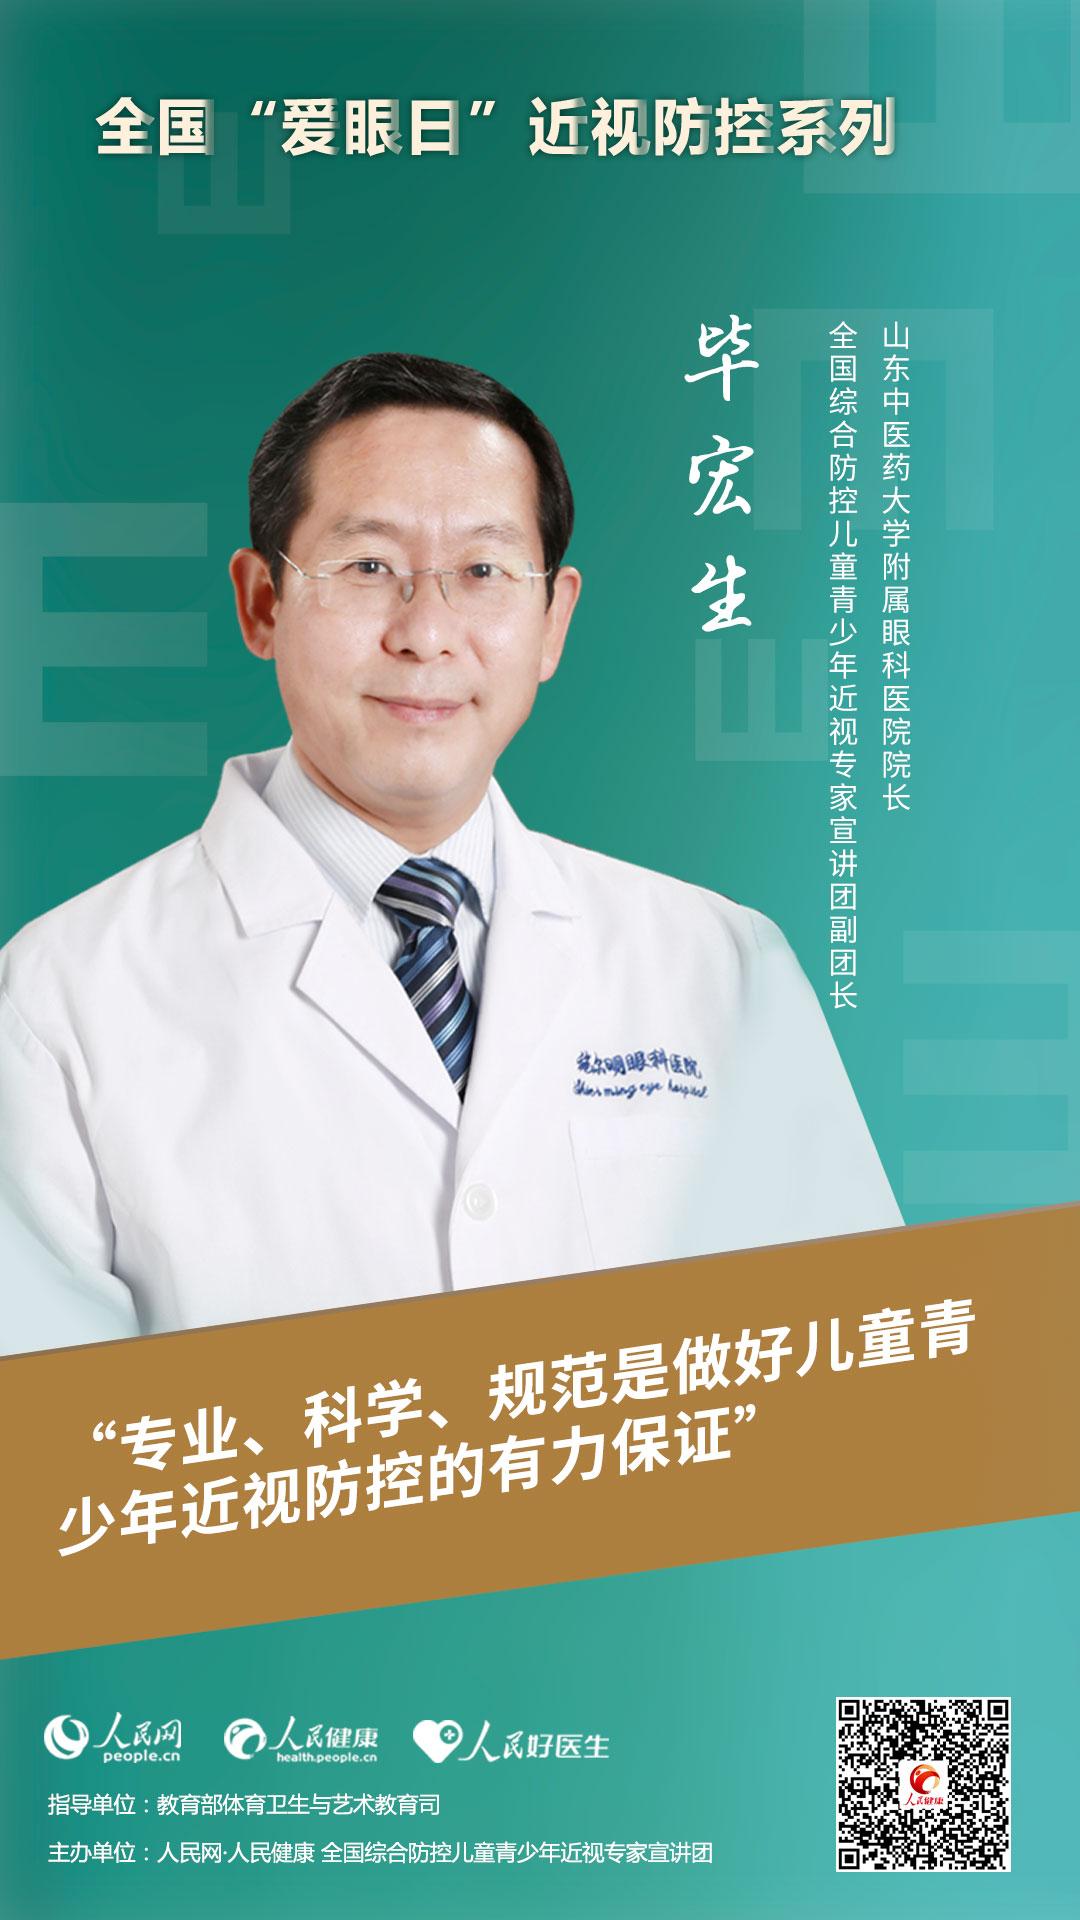 毕宏生答疑:戴眼镜会让眼睛变形?戴上就摘不下来了?